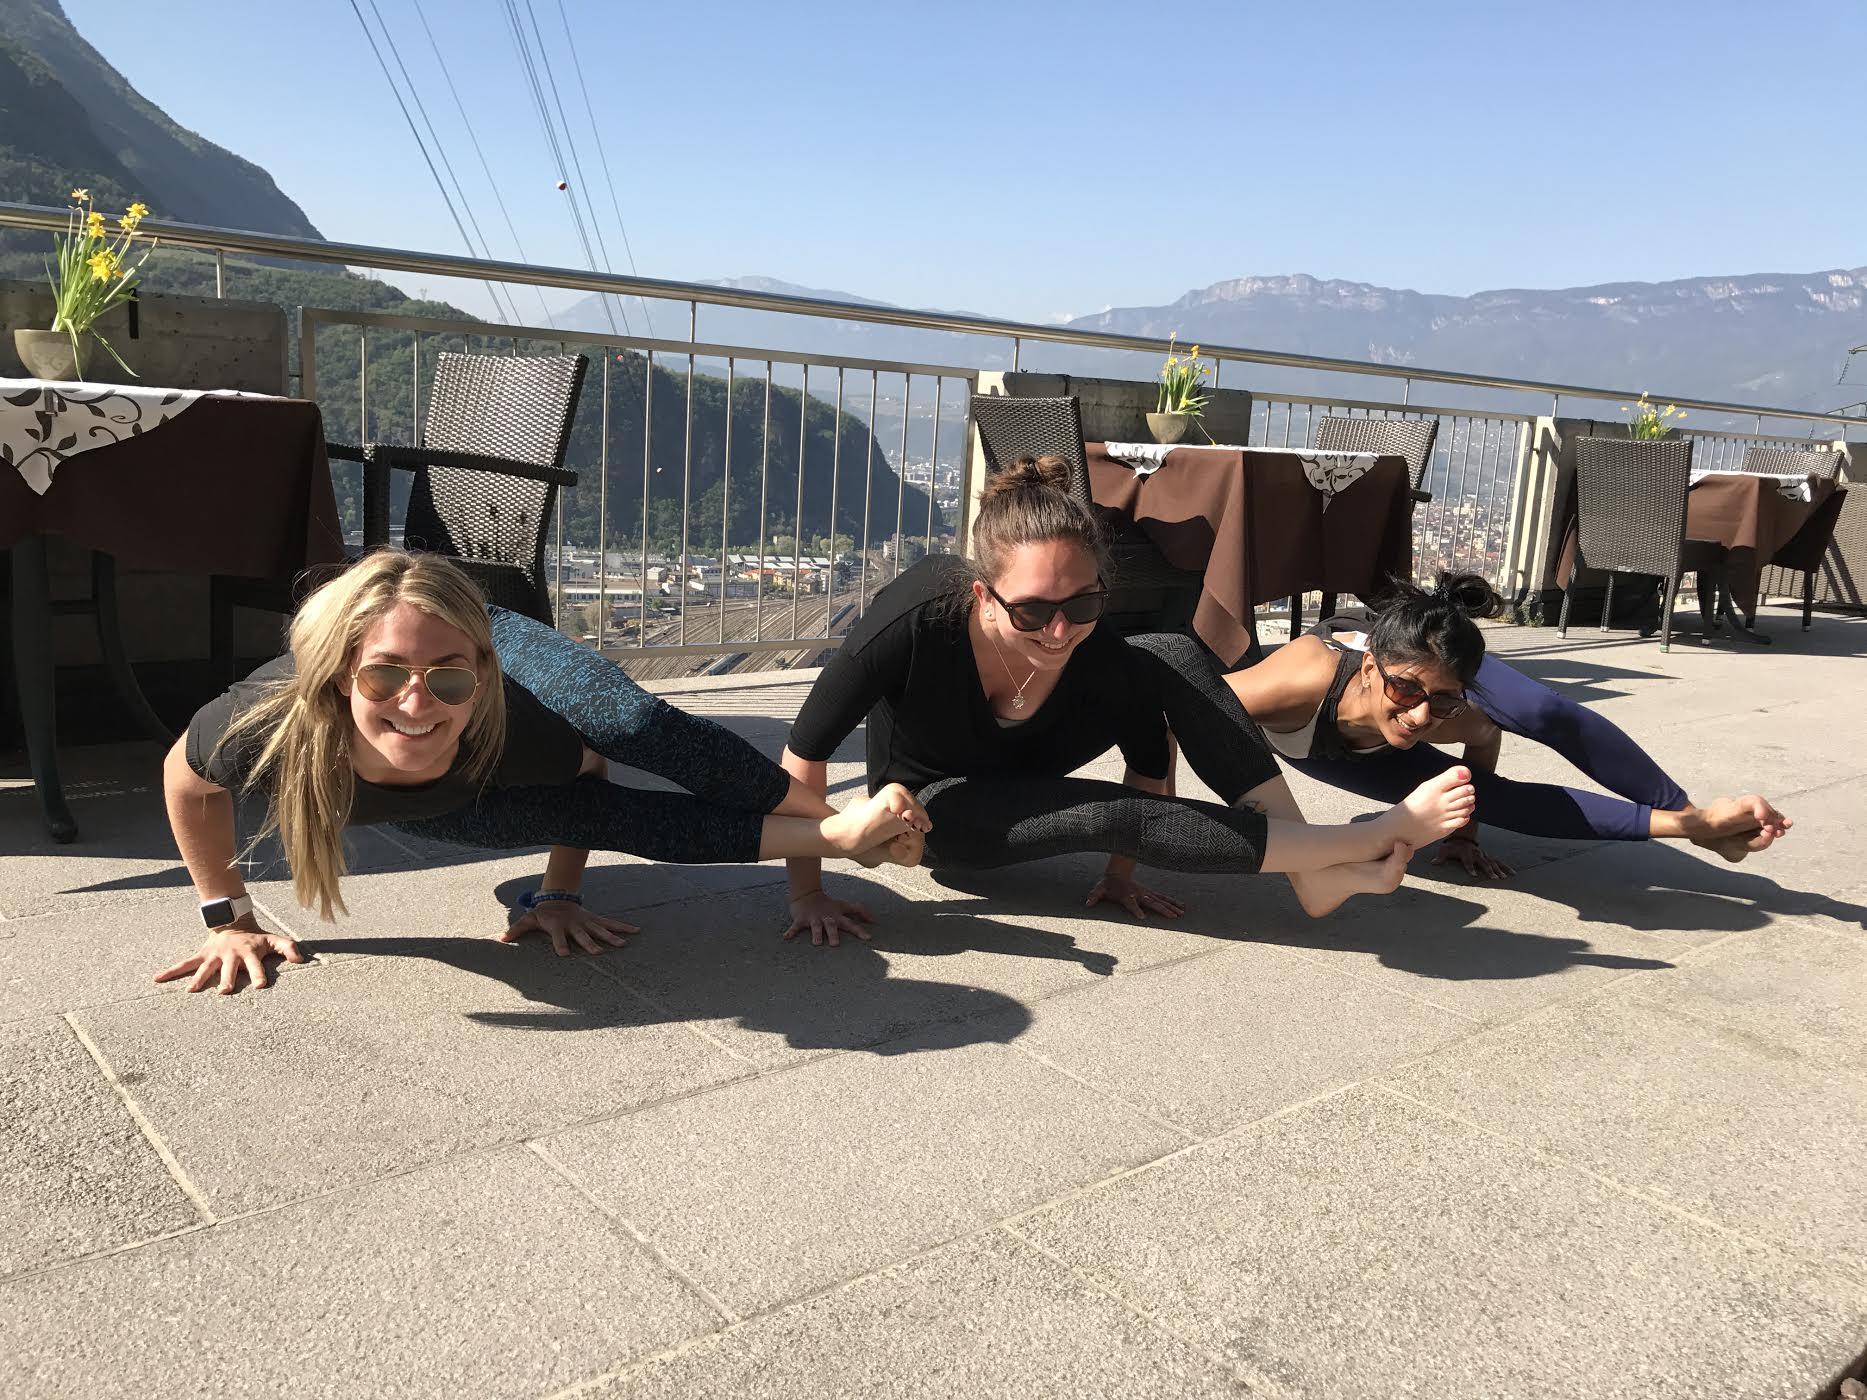 Lizz, Megan and Anita doing 8 angle pose